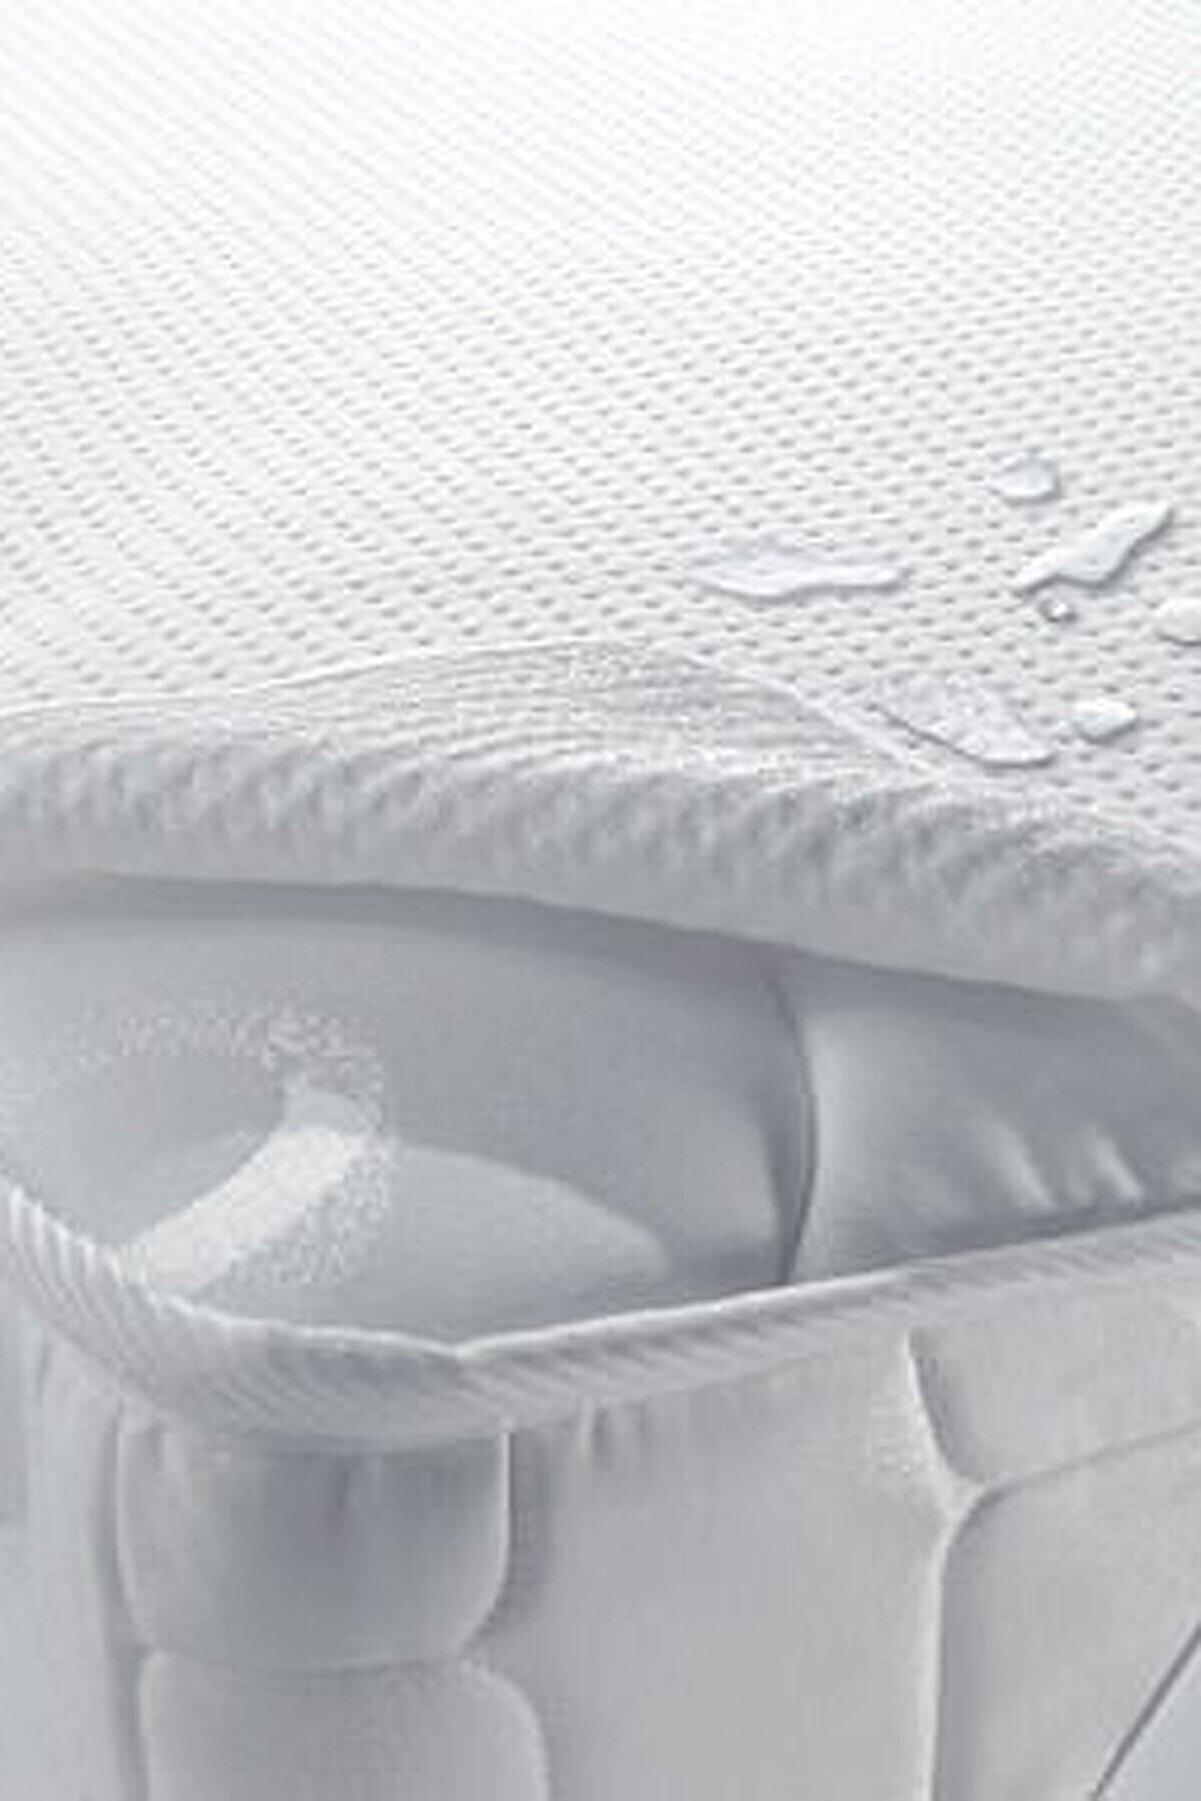 Taç Sıvı Geçirmez Tek Kişilik Polyester/pamuk Alez